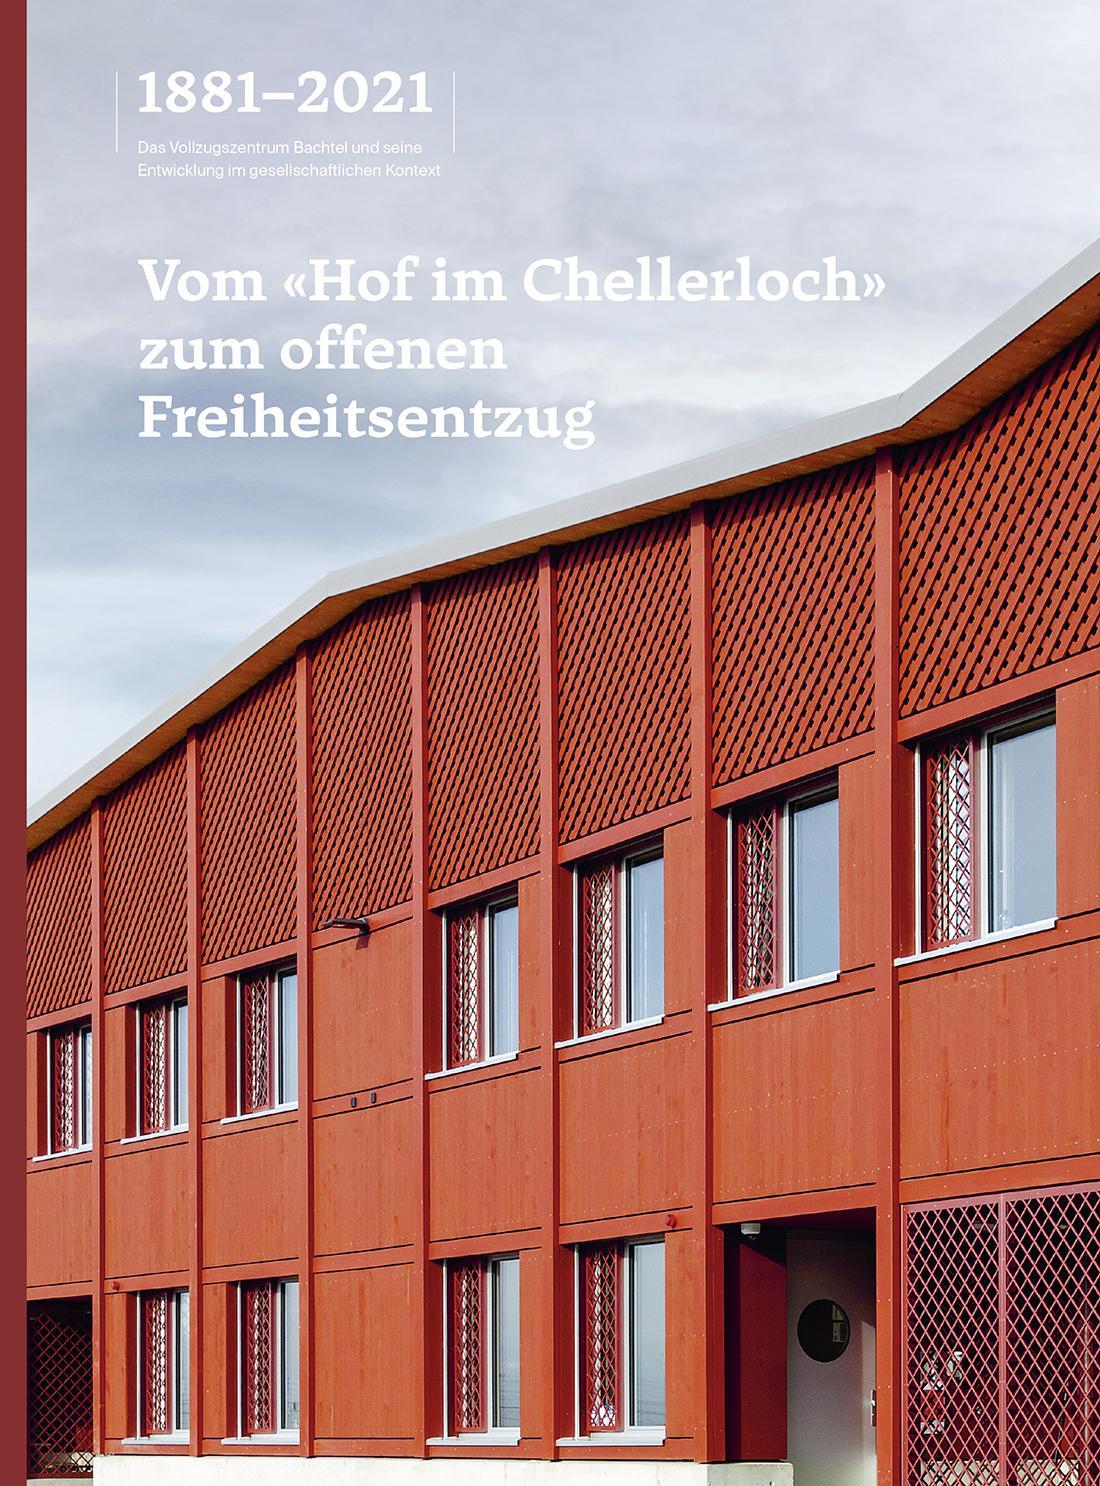 «Vom ‹Hof im Chellerloch› zum offenen Freiheitsentzug» herausgegeben von Theo Eugster, Direktor Vollzugseinrichtungen Zürich (VEZ)